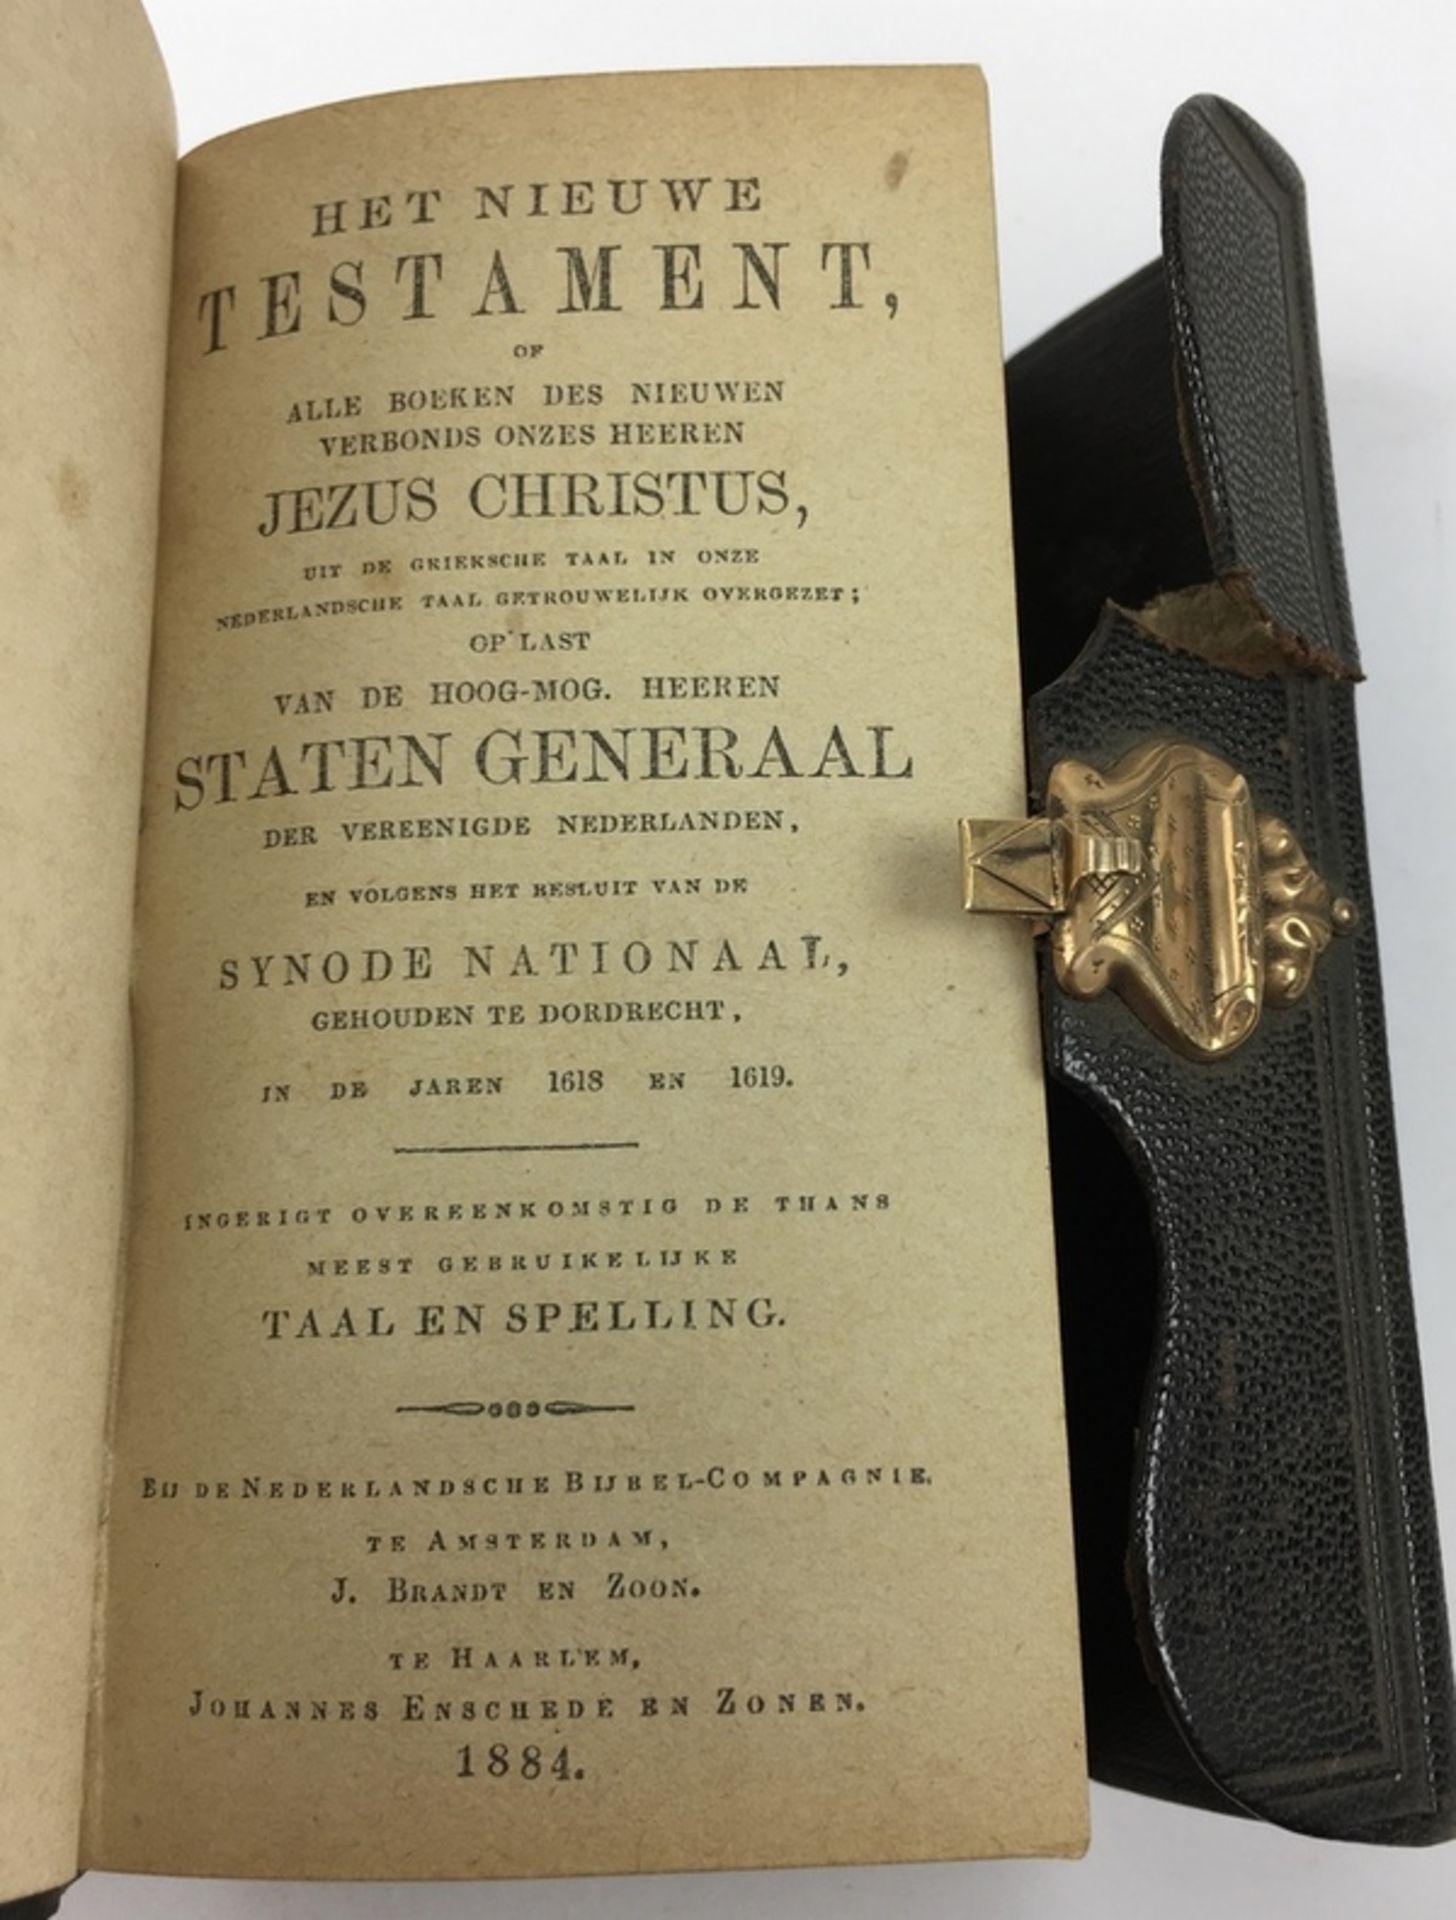 (Antiek) Bijbel en portemonnee met gouden slotenBijbel met leren kaft en gouden slot uit 1884, - Image 5 of 8